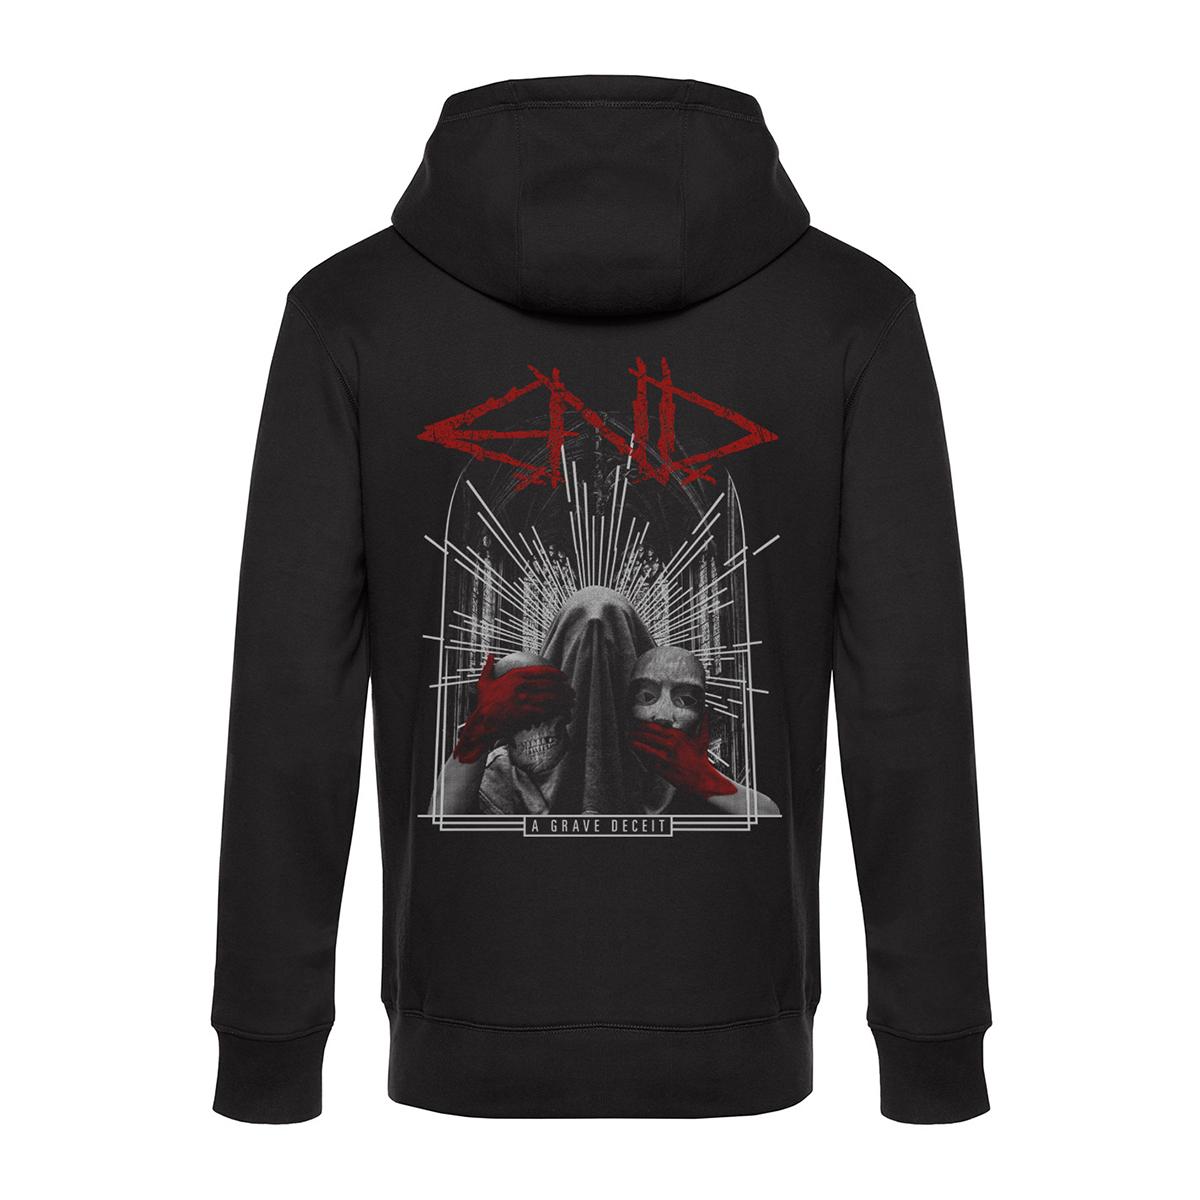 E.N.D. - A Grave Deceit + Logo - Zipped Hoodie